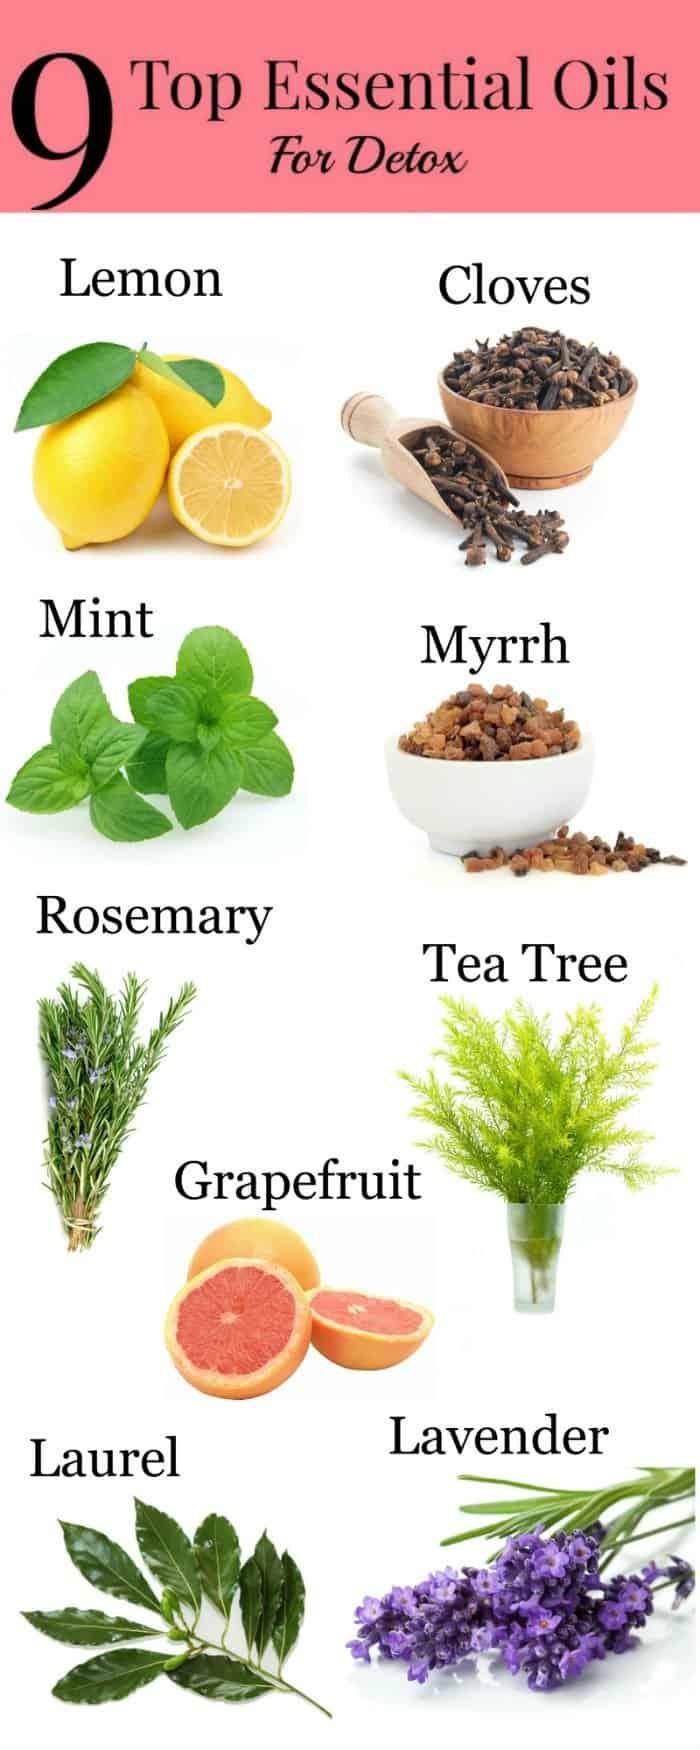 Top 9 Essential Oils to Maximize Detoxing